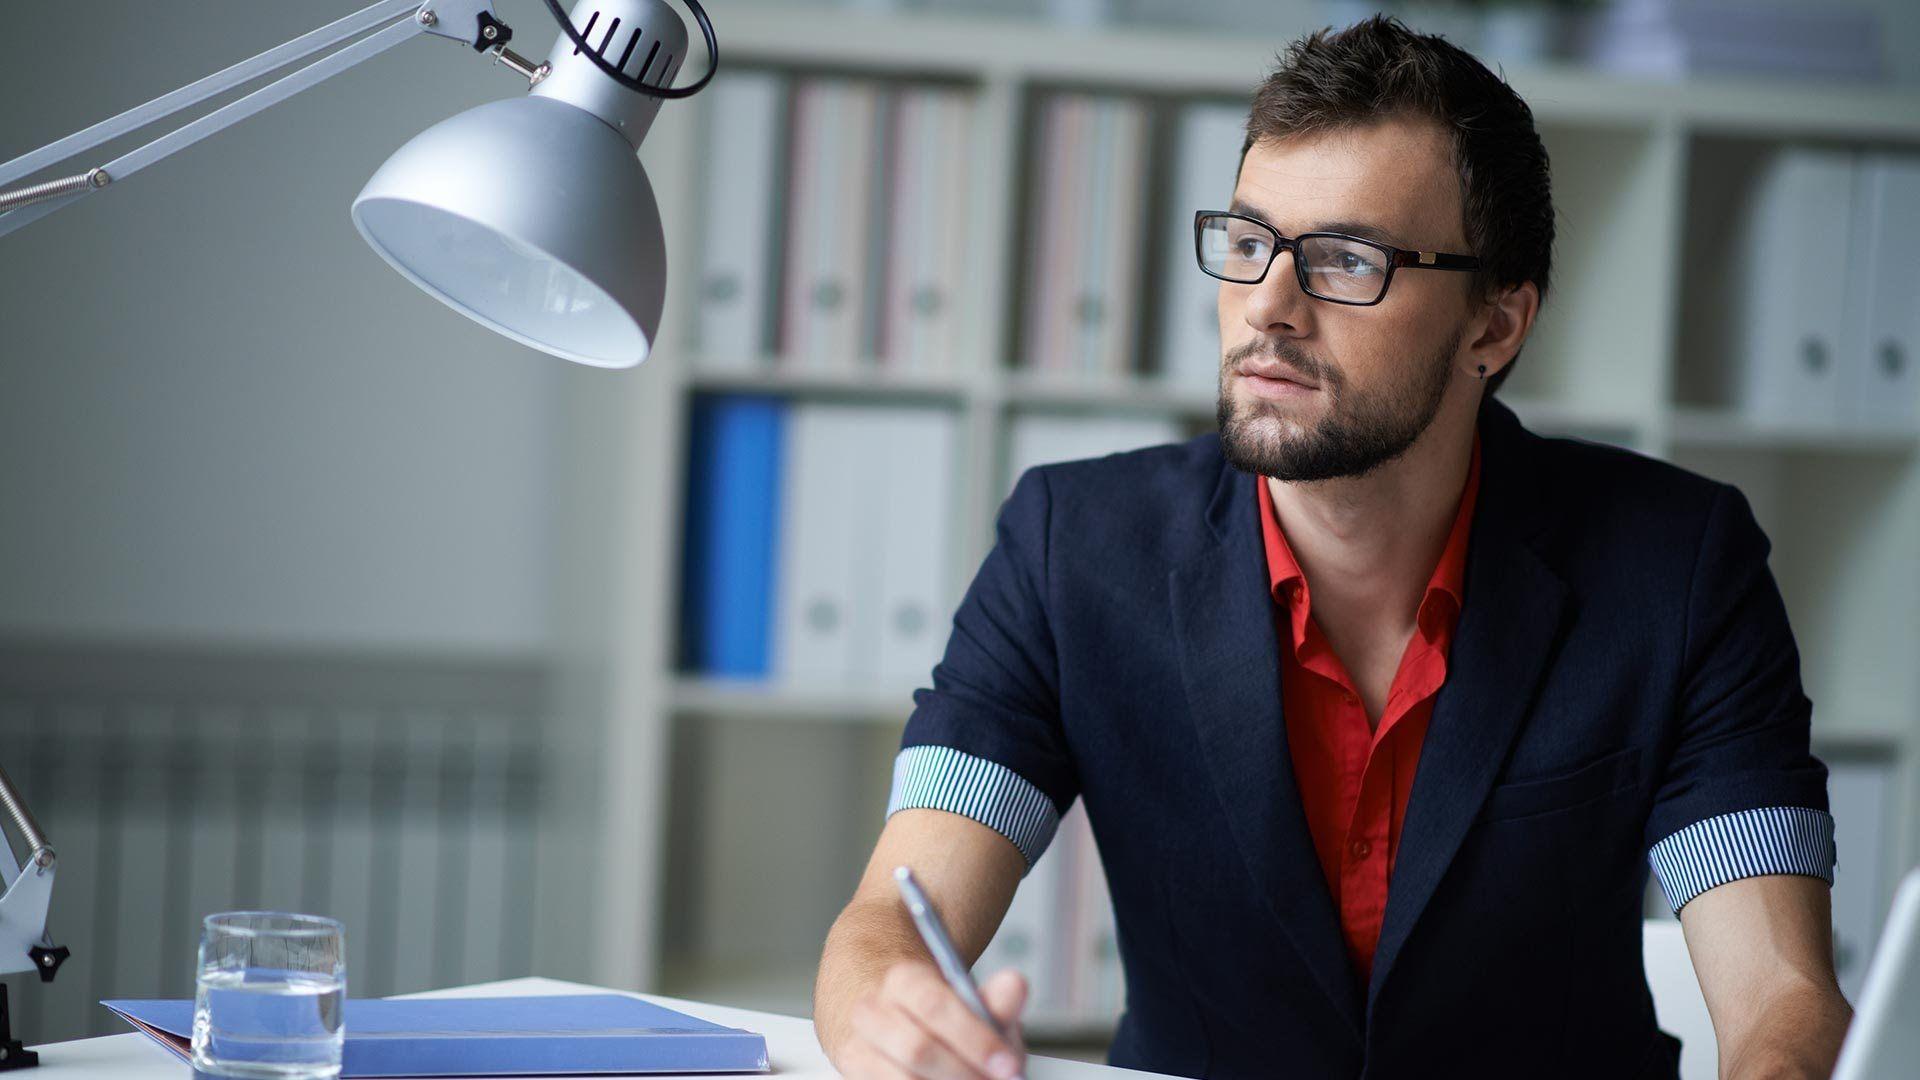 сосисками фото парень за столом в офисе цифры